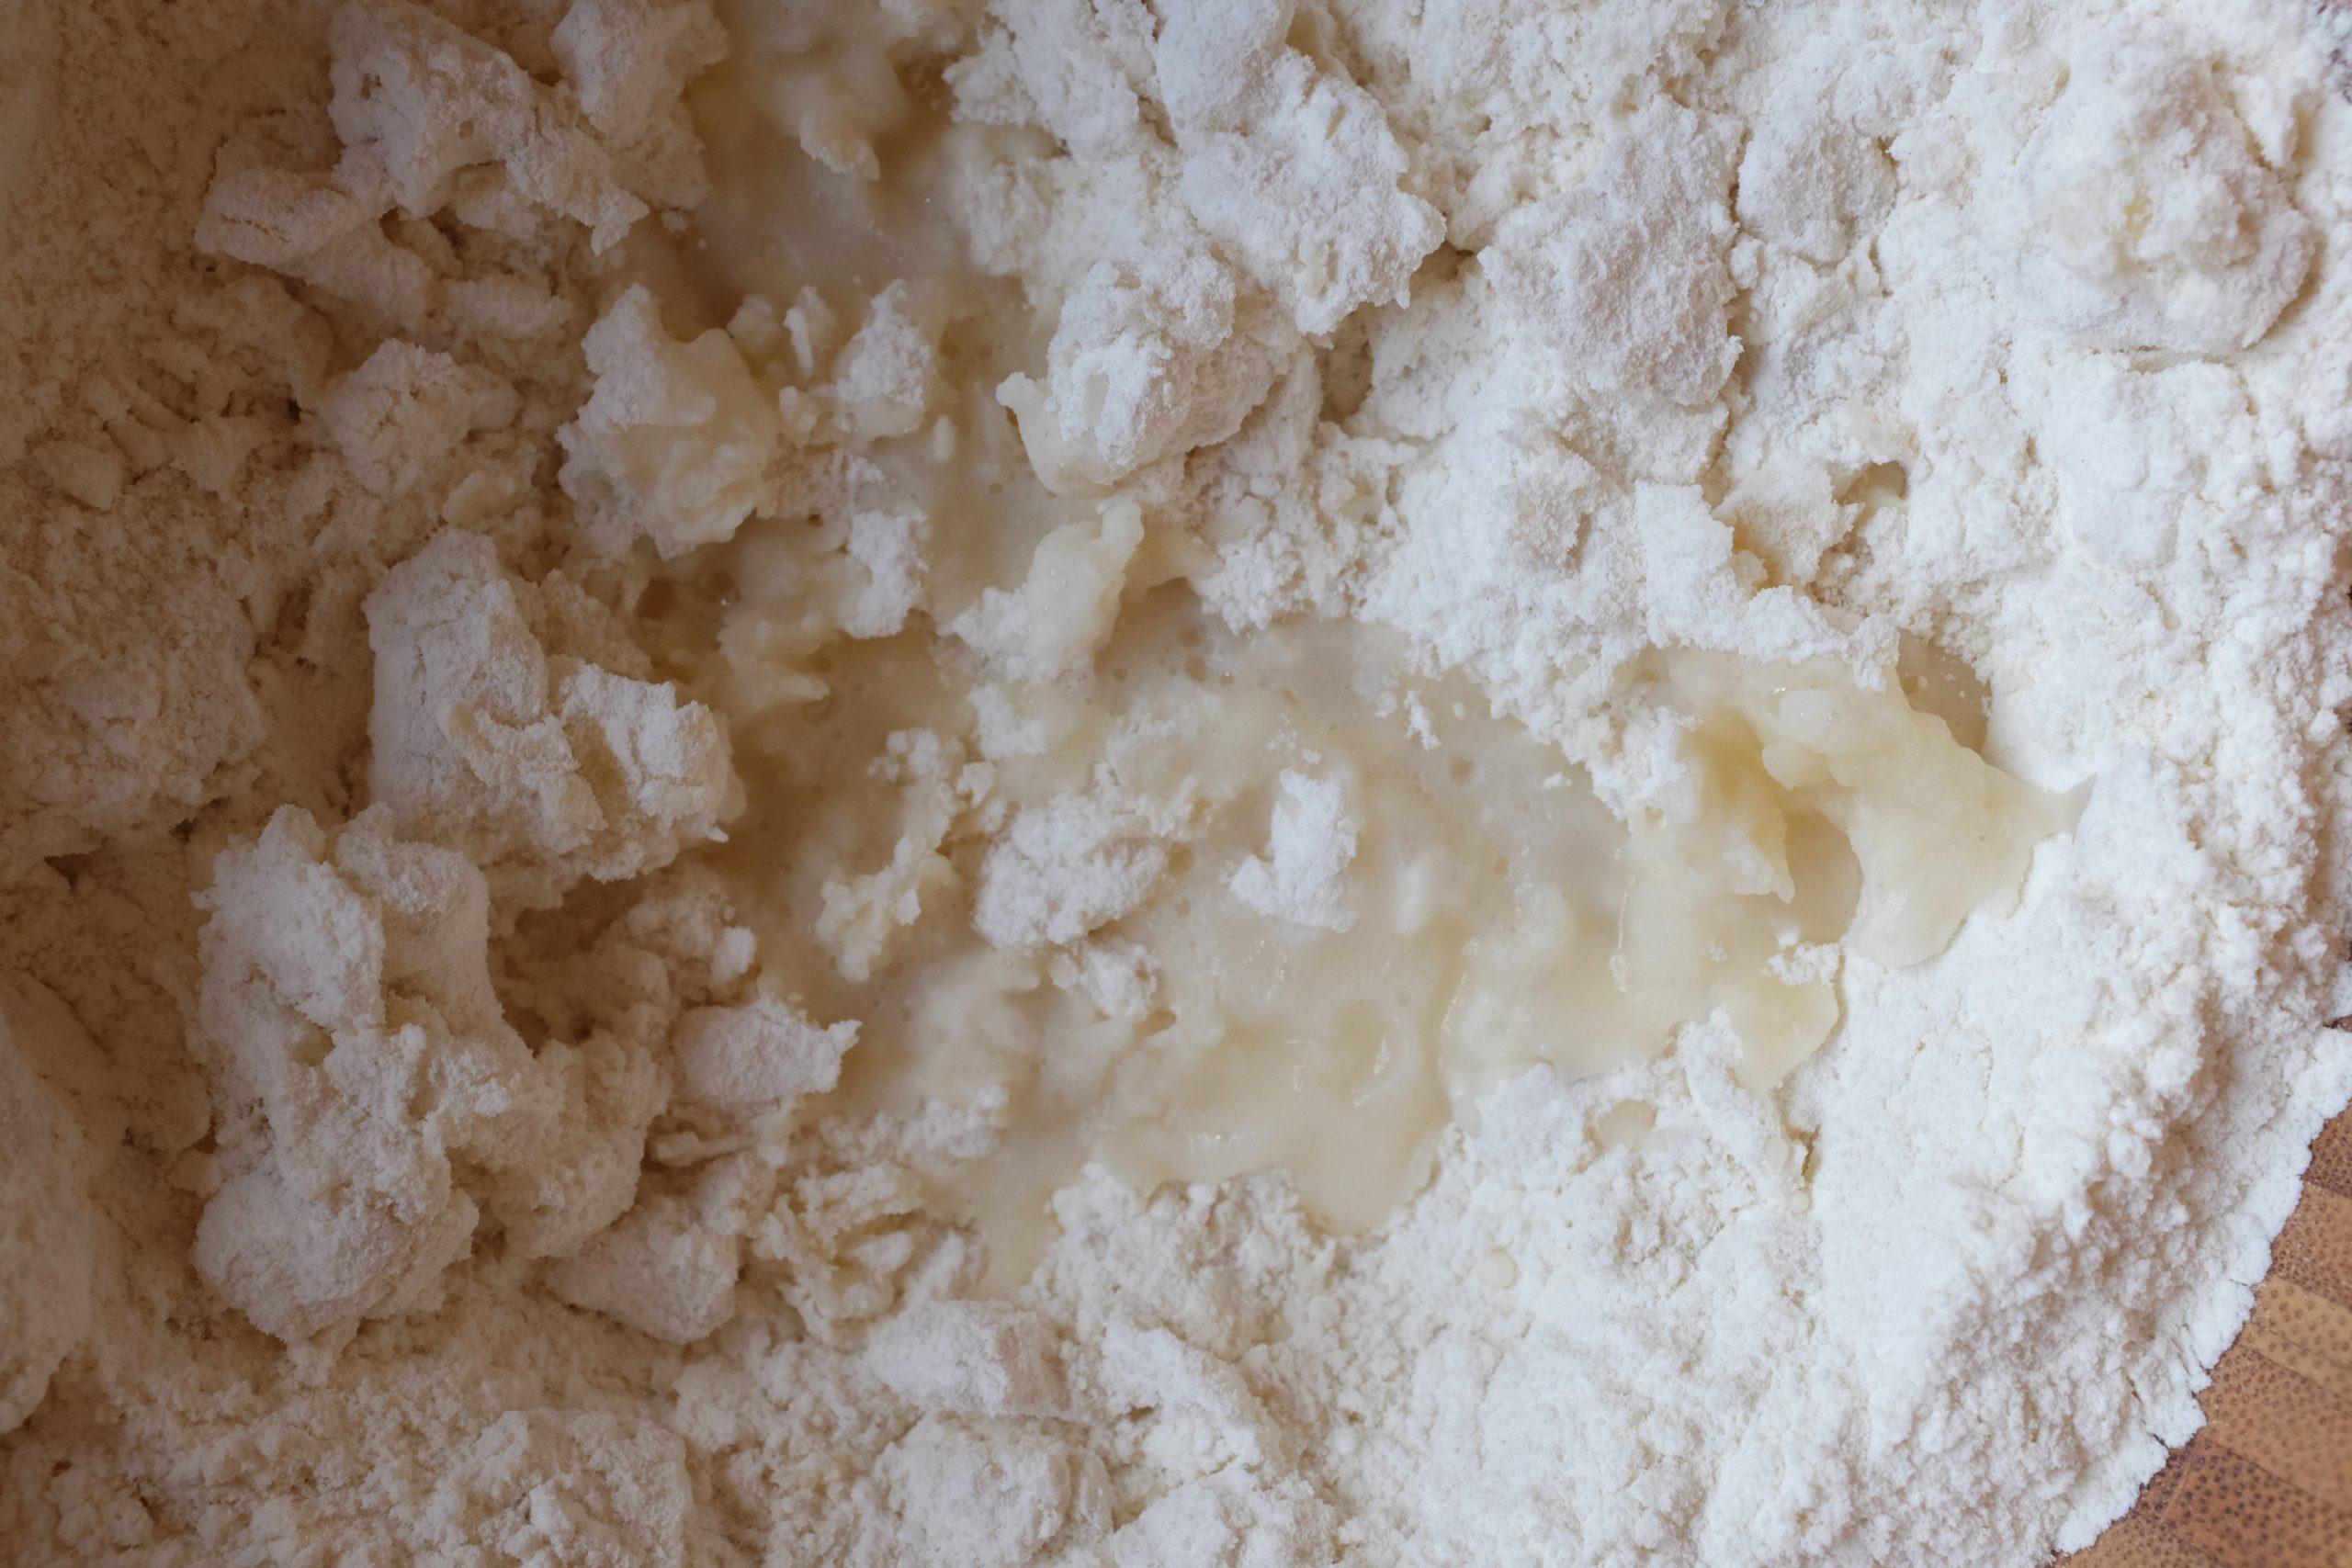 Aggiungi acqua bollente lentamente mentre mescoli per amalgamare. La farina così cotta ha una sembianza semi trasparente.